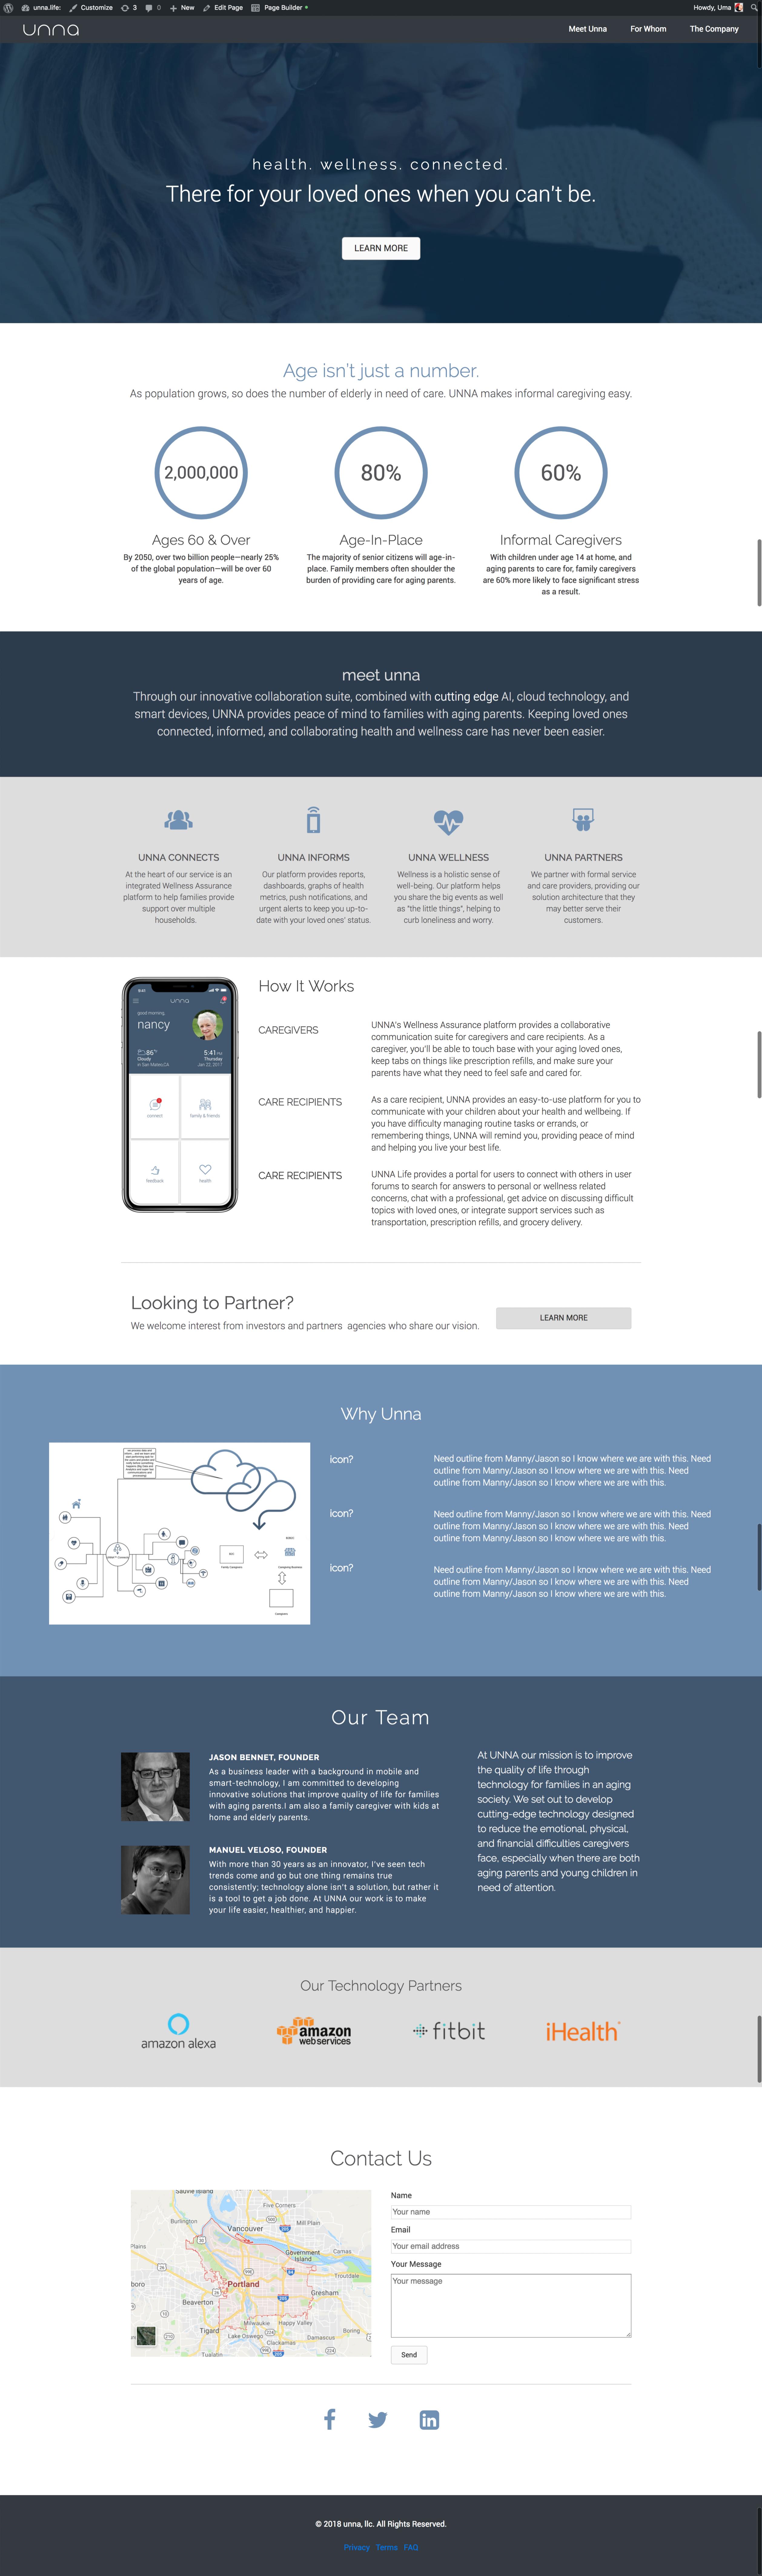 work in progress website